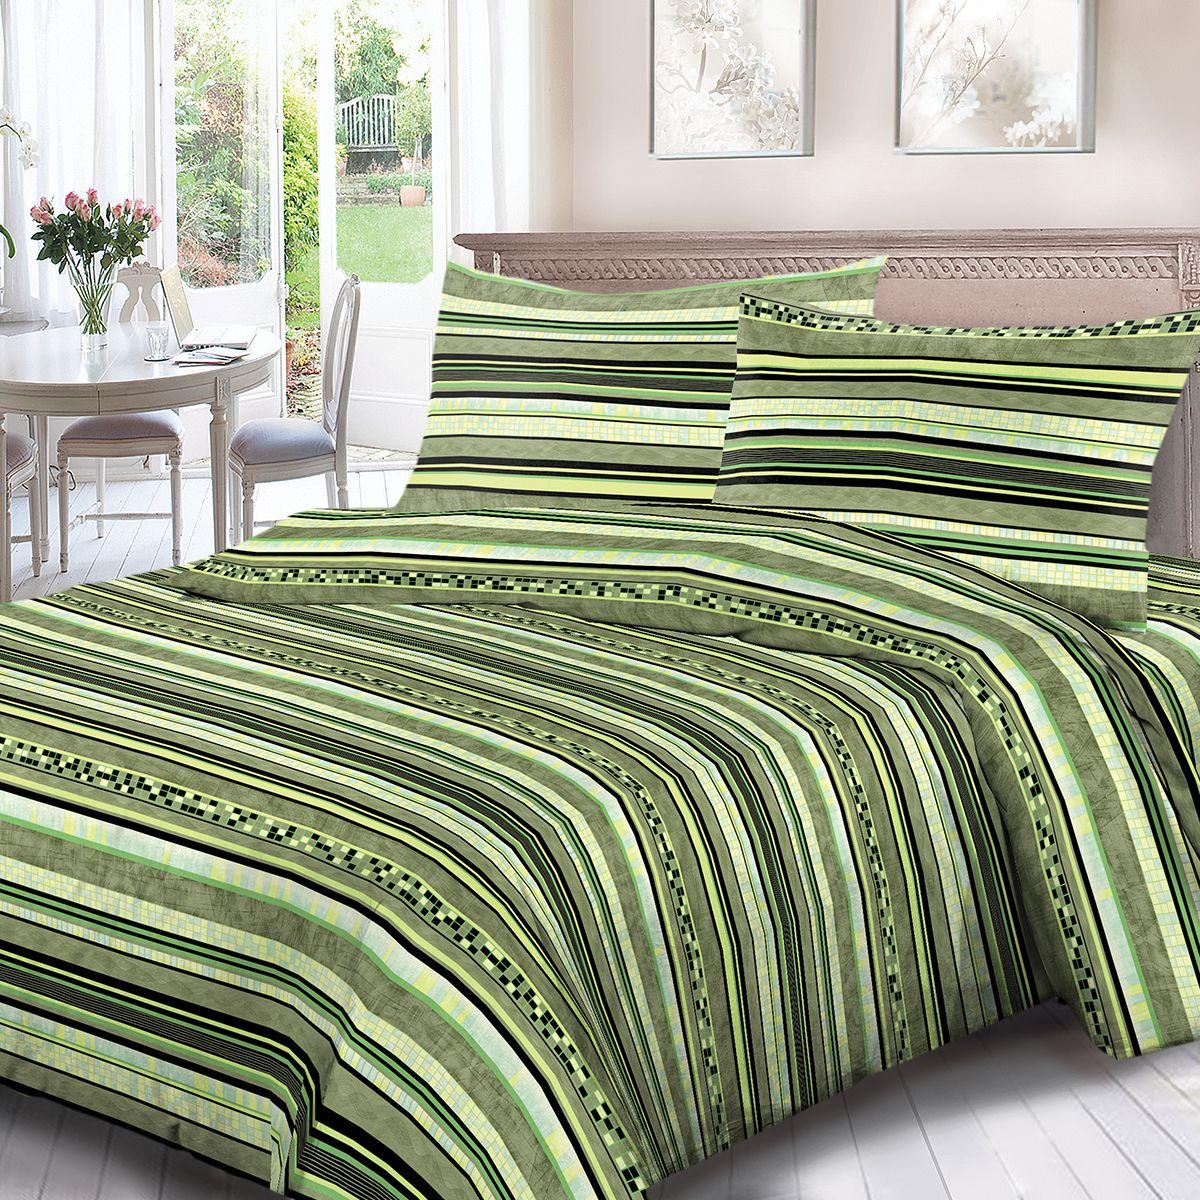 Комплект белья Для Снов Шанталь, евро, наволочки 70x70, цвет: зеленый. 1680-181988